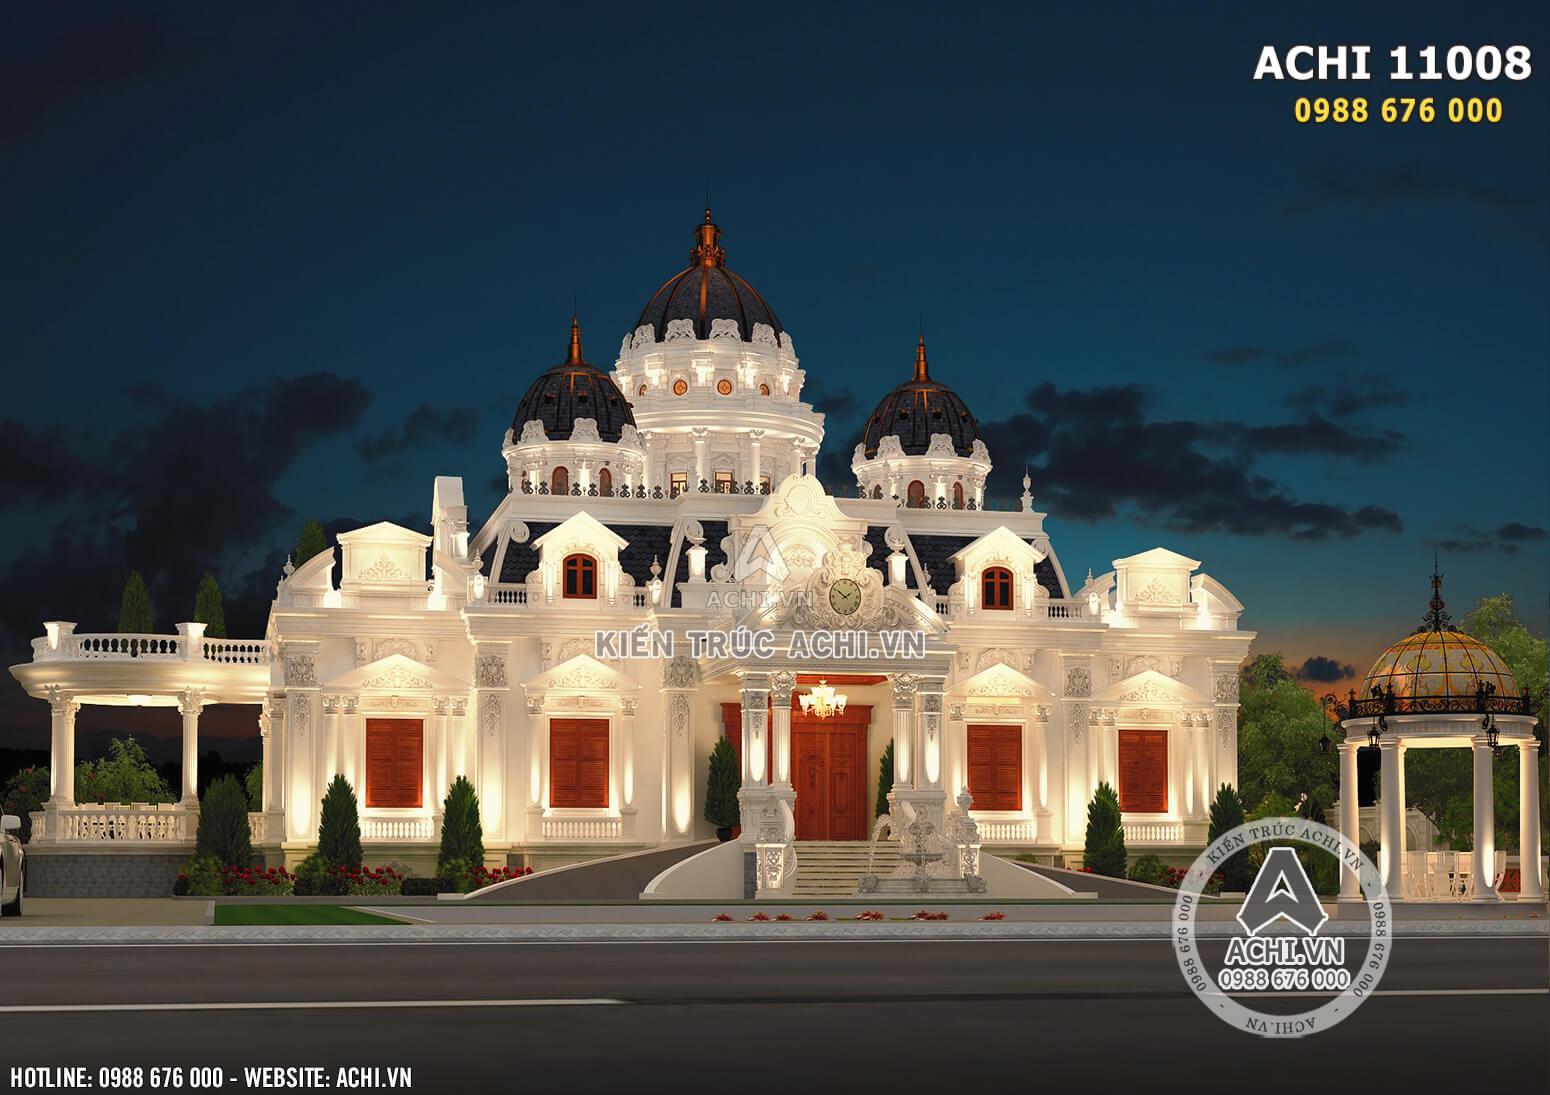 Không gian mặt tiền mẫu thiết kế biệt thự lâu đài Pháp đẹp cuốn hút, quyến rũ